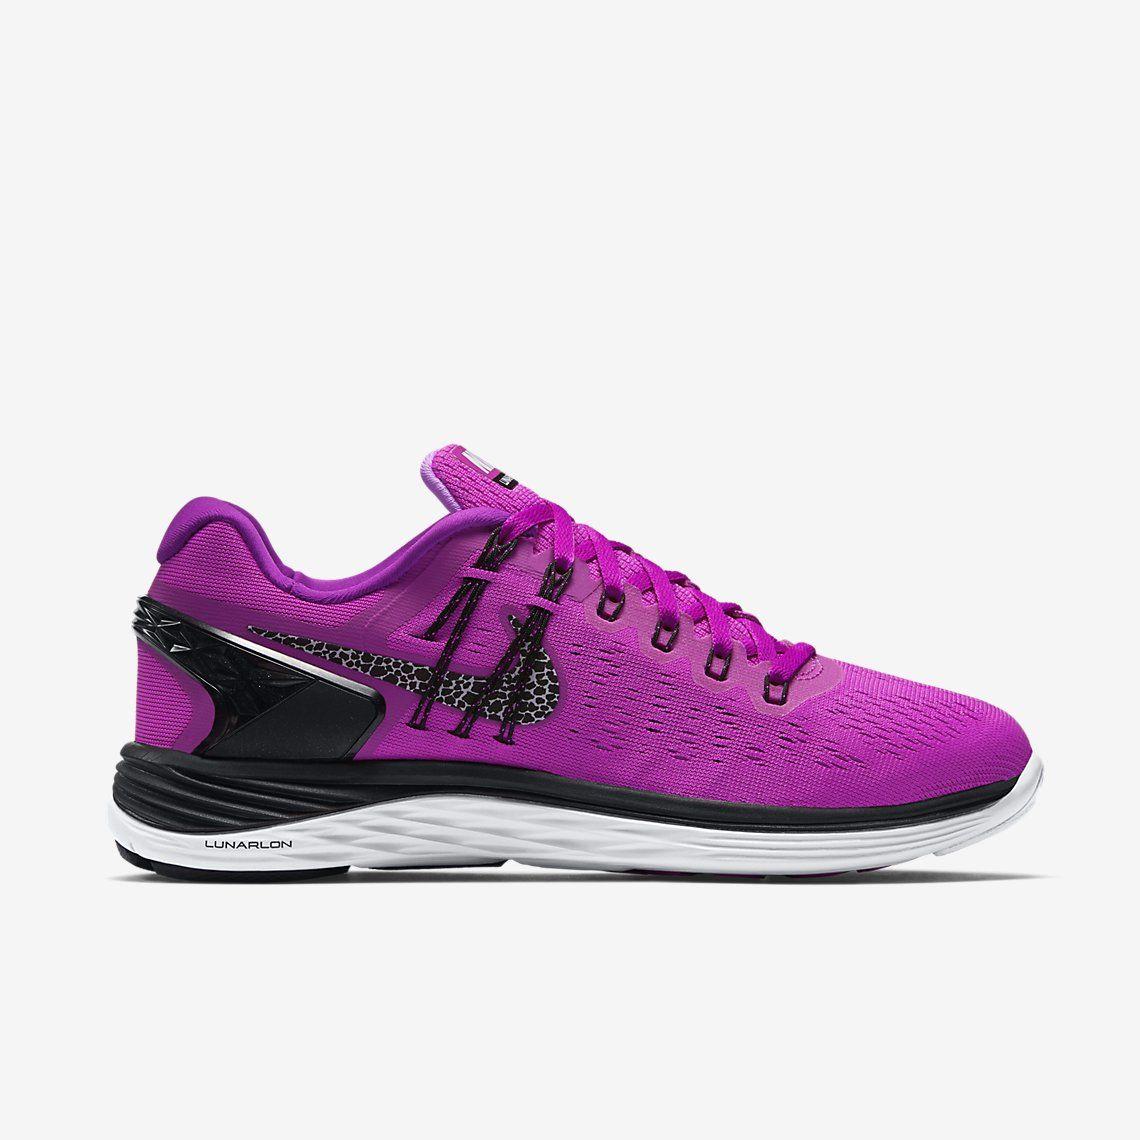 2b927accc048 Nike LunarEclipse 5 Women s Running Shoe. Nike Store UK